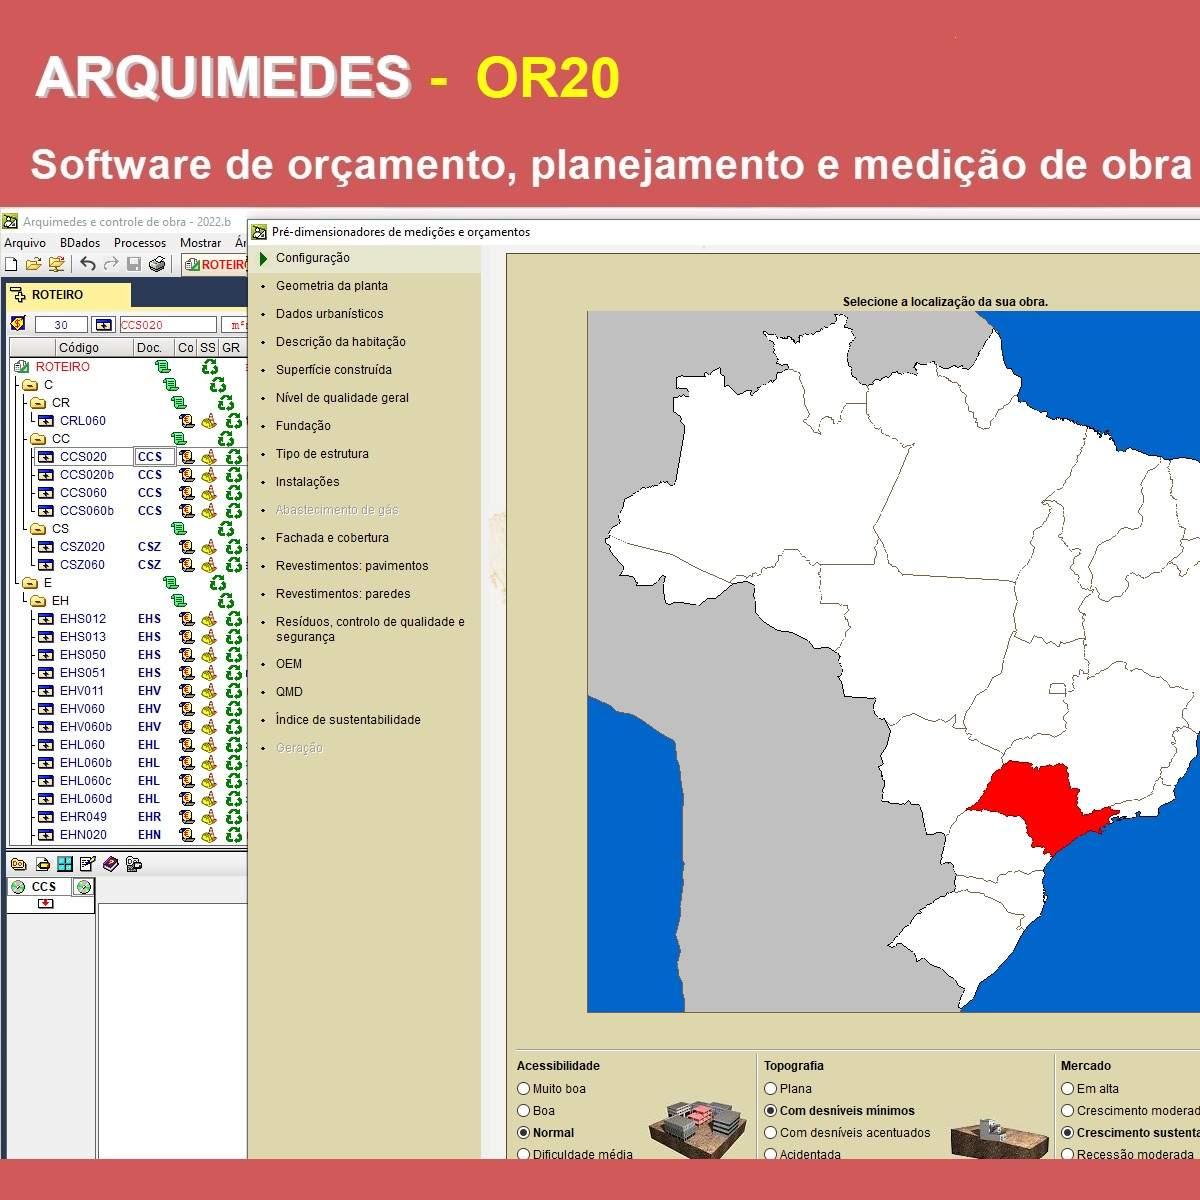 Software Arquimedes OR20 versão 2022 (Licença Eletrônica) incluindo Orçamento, Planejamento, Medição de Obras e  Conexão com o Gerador de preços OBRAS NOVAS  - MULTIPLUS SOFTWARES